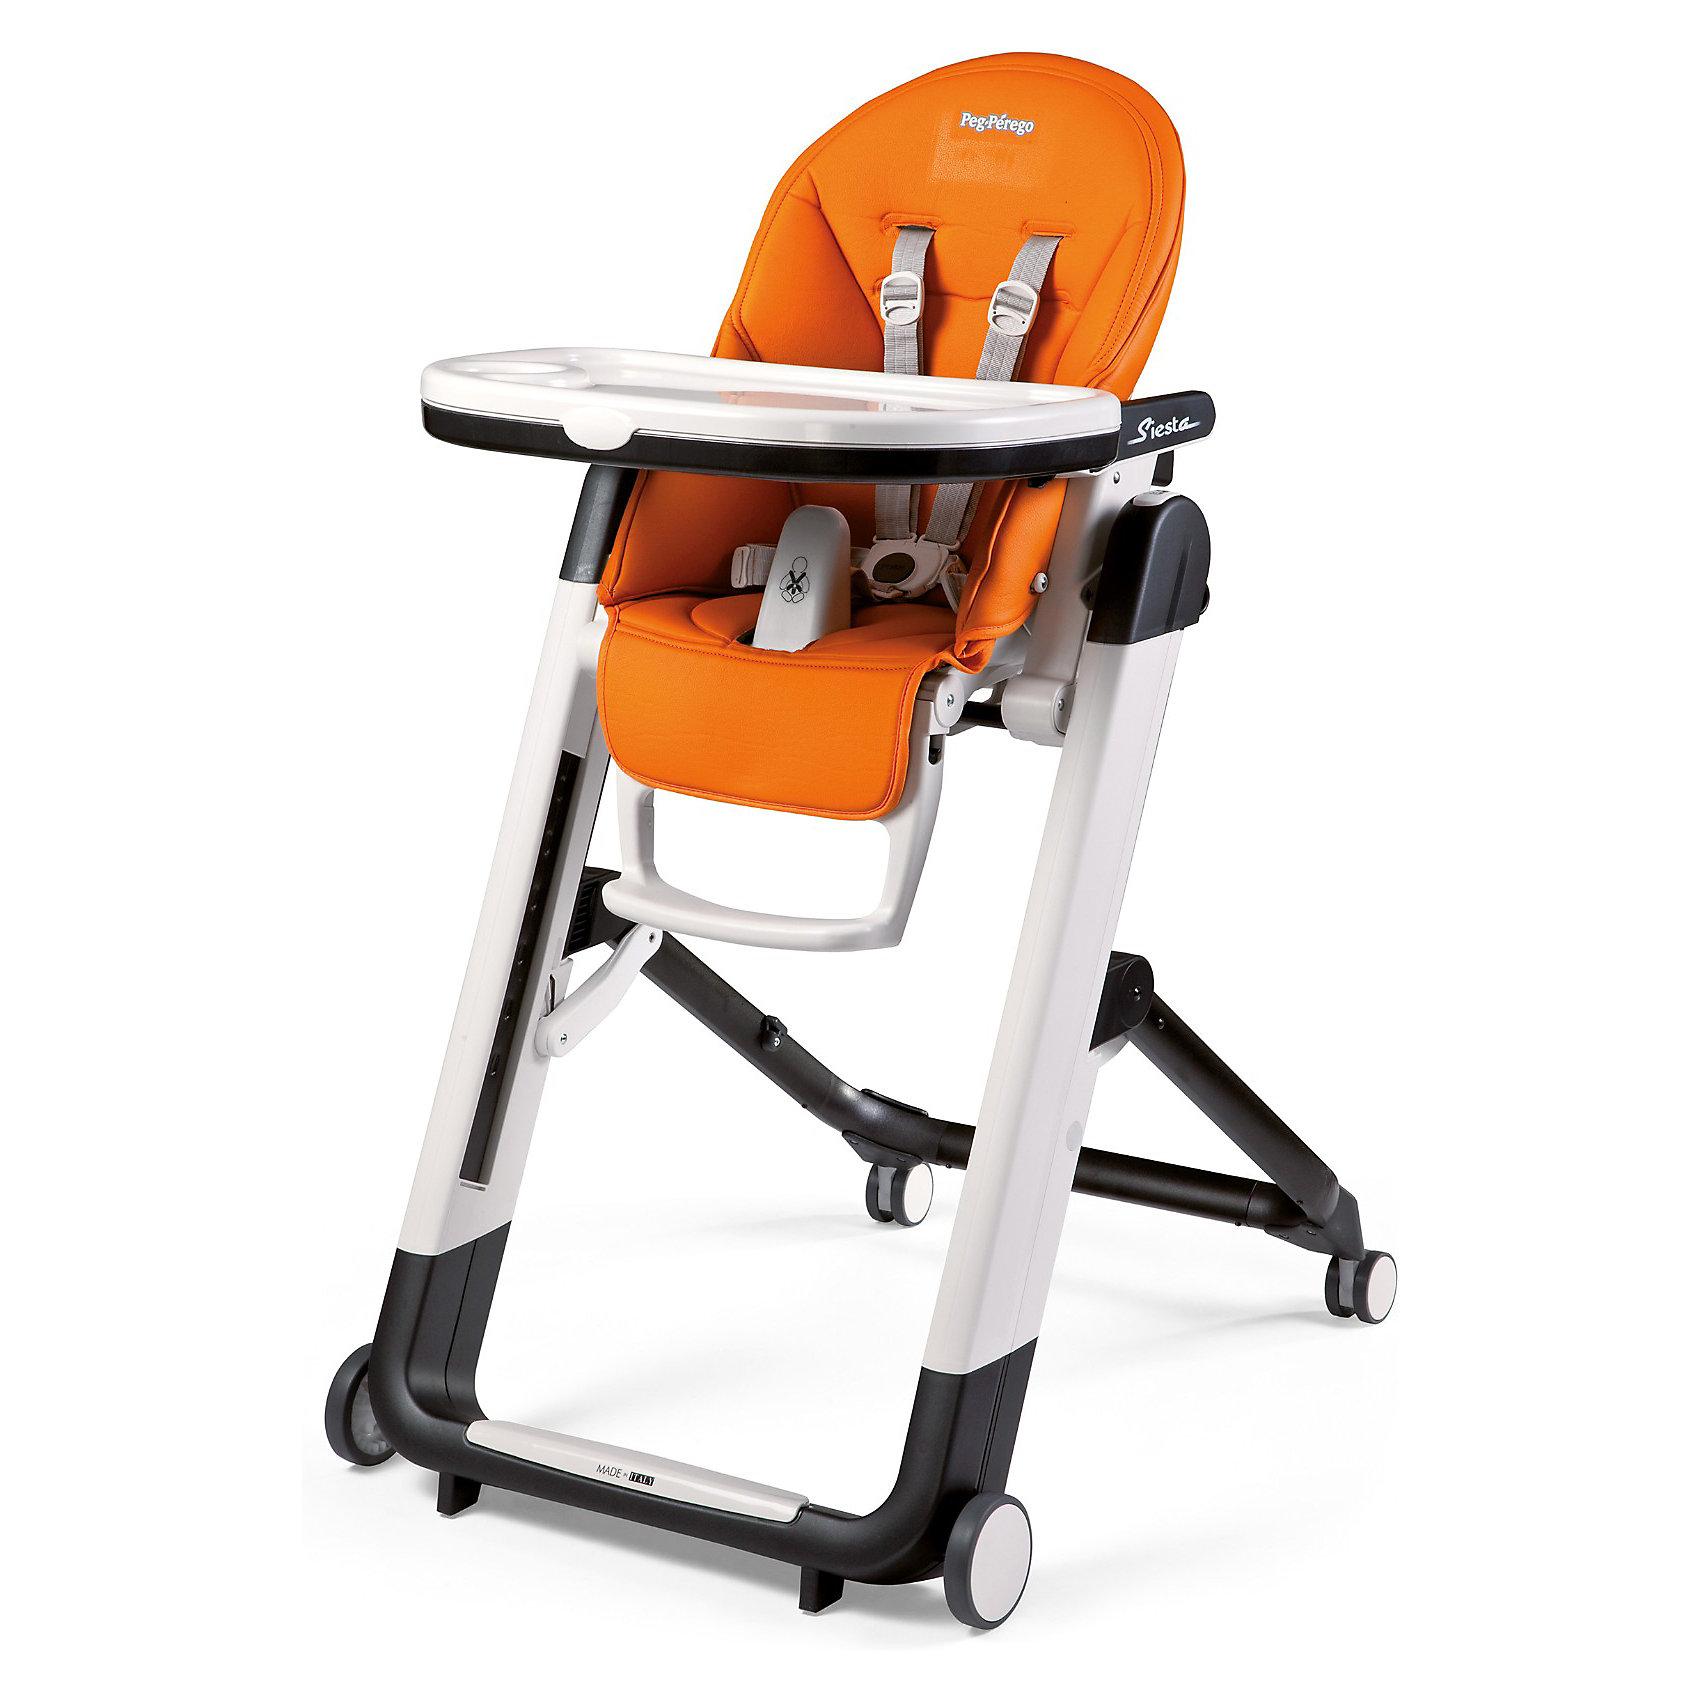 Стульчик для кормления Siesta, Peg-Perego, Orange оранжевыйУдобный и функциональный стульчик Siesta, Peg-Perego, обеспечит комфорт и безопасность Вашего малыша во время кормления. Спинка сиденья легко регулируется в 5 положениях (вплоть до горизонтального), что позволяет использовать стульчик как для кормления так и для игр и<br>сна. Широкое и эргономичное мягкое сиденье будет удобно как малышу, так и ребенку постарше. Стульчик оснащен регулируемыми 5-точечными ремнями безопасности, а планка-разделитель для ножек под столиком не даст малышу соскользнуть. Высота стула регулируется в 9<br>положениях (от 33 до 65 см. от пола). Подножка регулируется в 3 позициях, позволяя выбрать оптимальное для ребенка положение. На задней части спинки размещается сетка для мелочей.<br><br>Широкий съемный столик оснащен подносом с отделениями для кружки или стакана, поднос можно снять для быстрой чистки и использовать основную поверхность для игр и занятий. Для детей постарше стул можно использовать без столика для кормления, придвинув его к столу<br>для взрослых. Ножки оснащены колесиками с блокираторами, что позволяет легко перемещать стульчик по комнате. Кожаный чехол легко снимается для чистки. Стульчик легко и компактно складывается и занимает мало места при хранении. Подходит для детей в возрасте от 0<br>месяцев до 3 лет.<br><br>Дополнительная информация:<br><br>- Цвет: Orange оранжевый.<br>- Материал: пластик, эко-кожа.<br>- Высота спинки сиденья: 44 см.<br>- Ширина сиденья: 27 см.<br>- Размер в разложенном состоянии: 60 х 75 х 104,5 см. <br>- Размер в сложенном состоянии: 60 х 35 х 89 cм. <br>- Вес: 7,6 кг.<br><br>Стульчик для кормления Siesta, Peg-Perego, Orange оранжевый, можно купить в нашем интернет-магазине.<br><br>Ширина мм: 900<br>Глубина мм: 620<br>Высота мм: 290<br>Вес г: 12400<br>Возраст от месяцев: 0<br>Возраст до месяцев: 36<br>Пол: Унисекс<br>Возраст: Детский<br>SKU: 3537393